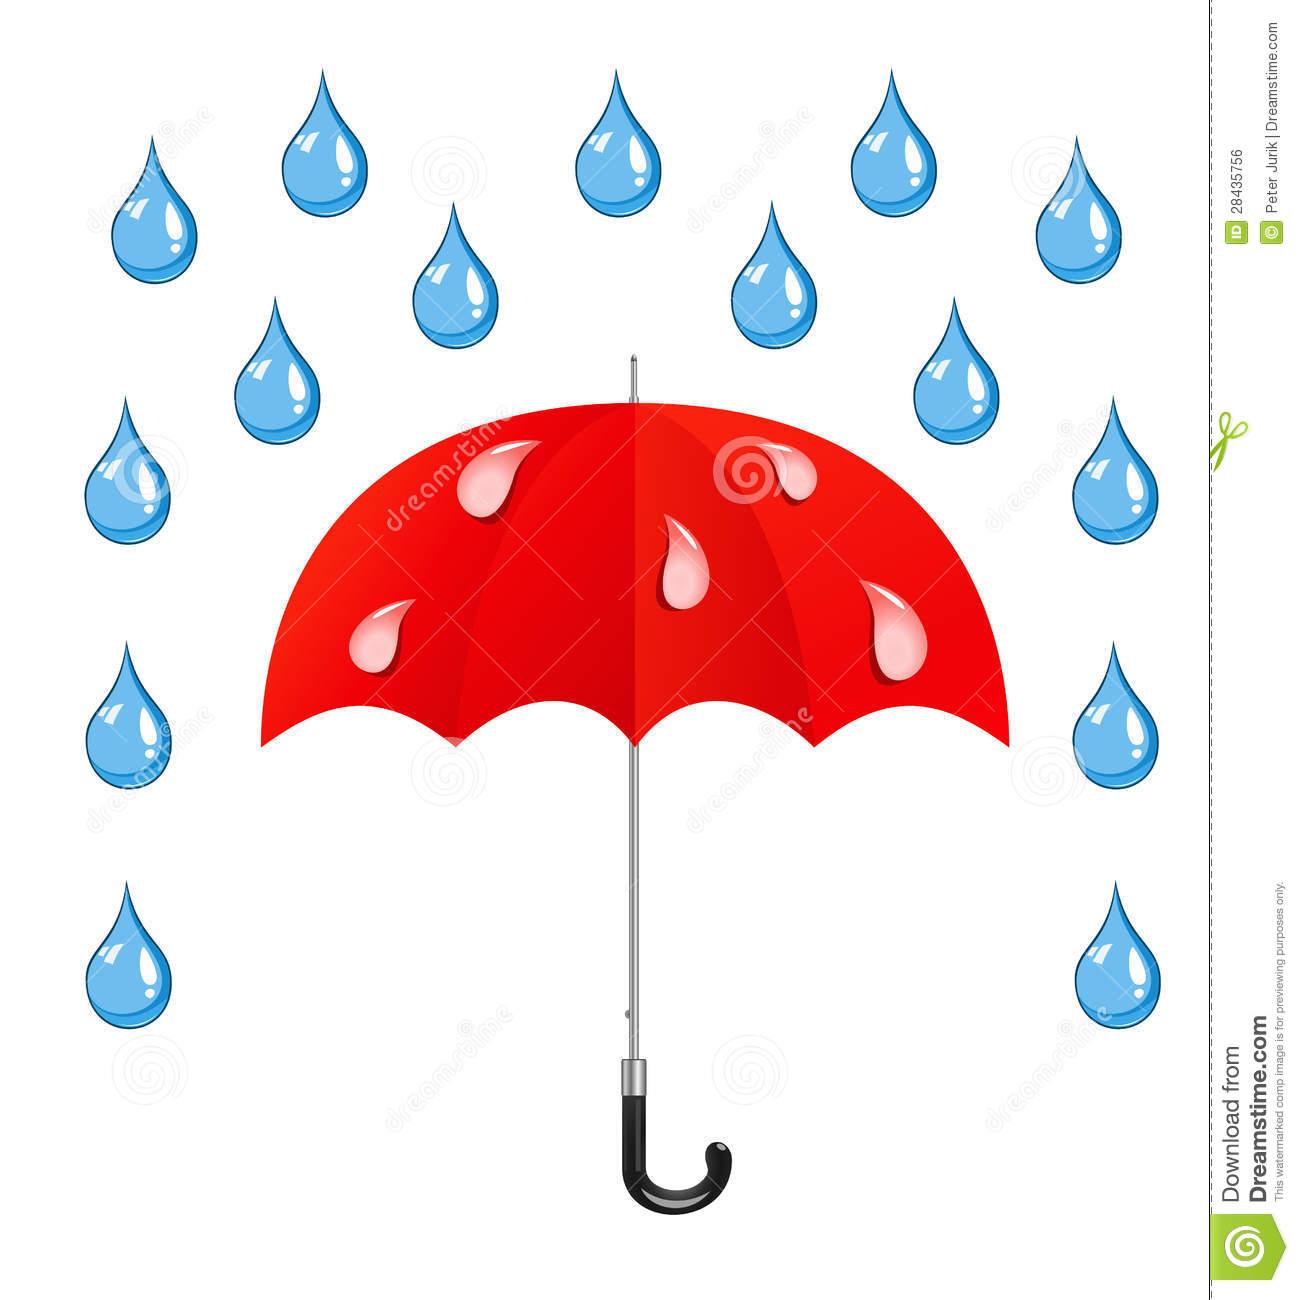 Wallpaper clipart umbrella Clipart Rain  Free rain